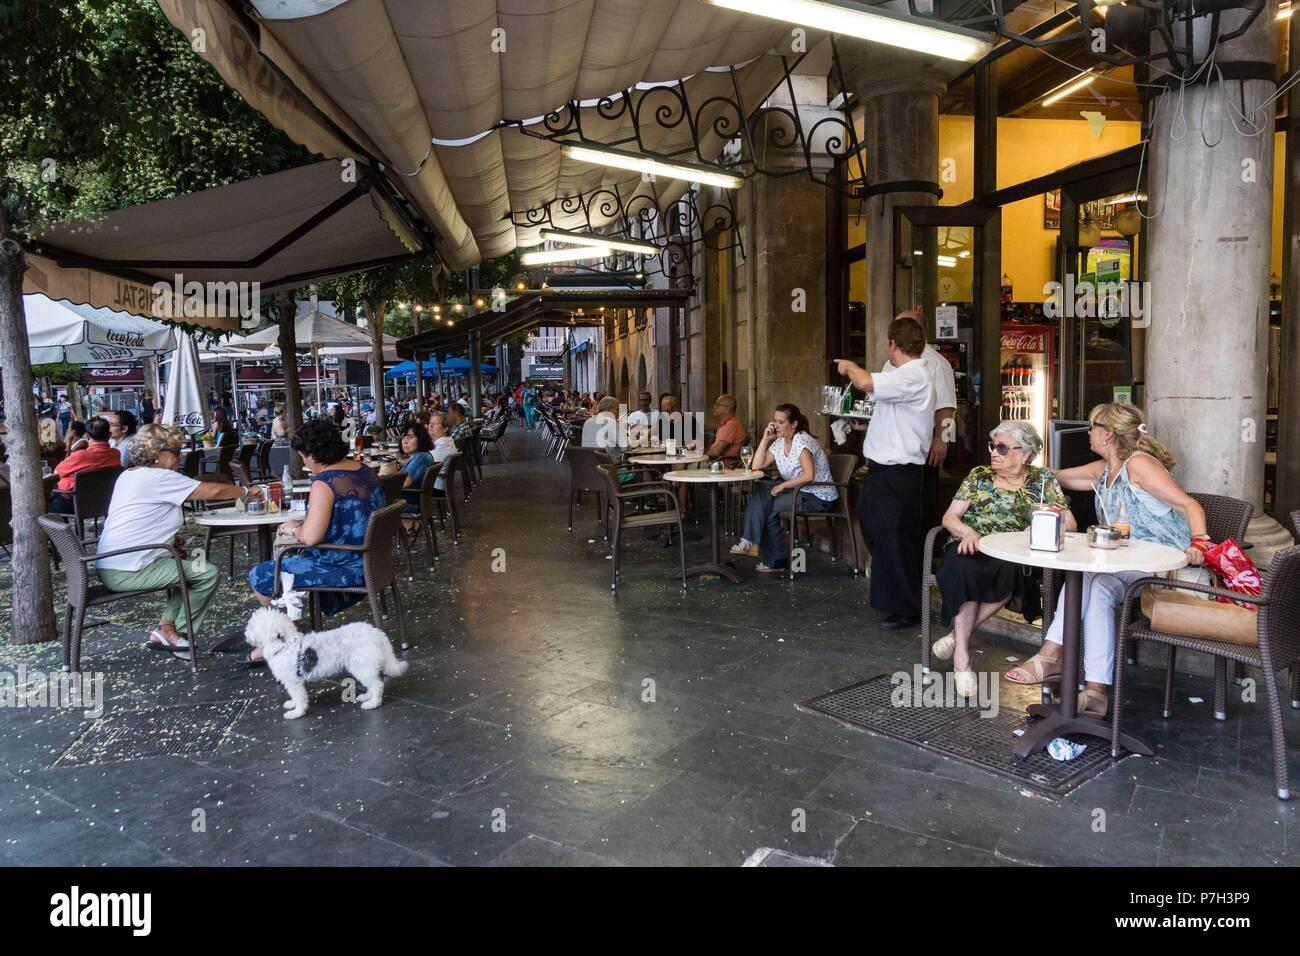 Terraza Del Bar Cristal Plaza De Espanya Palma Mallorca